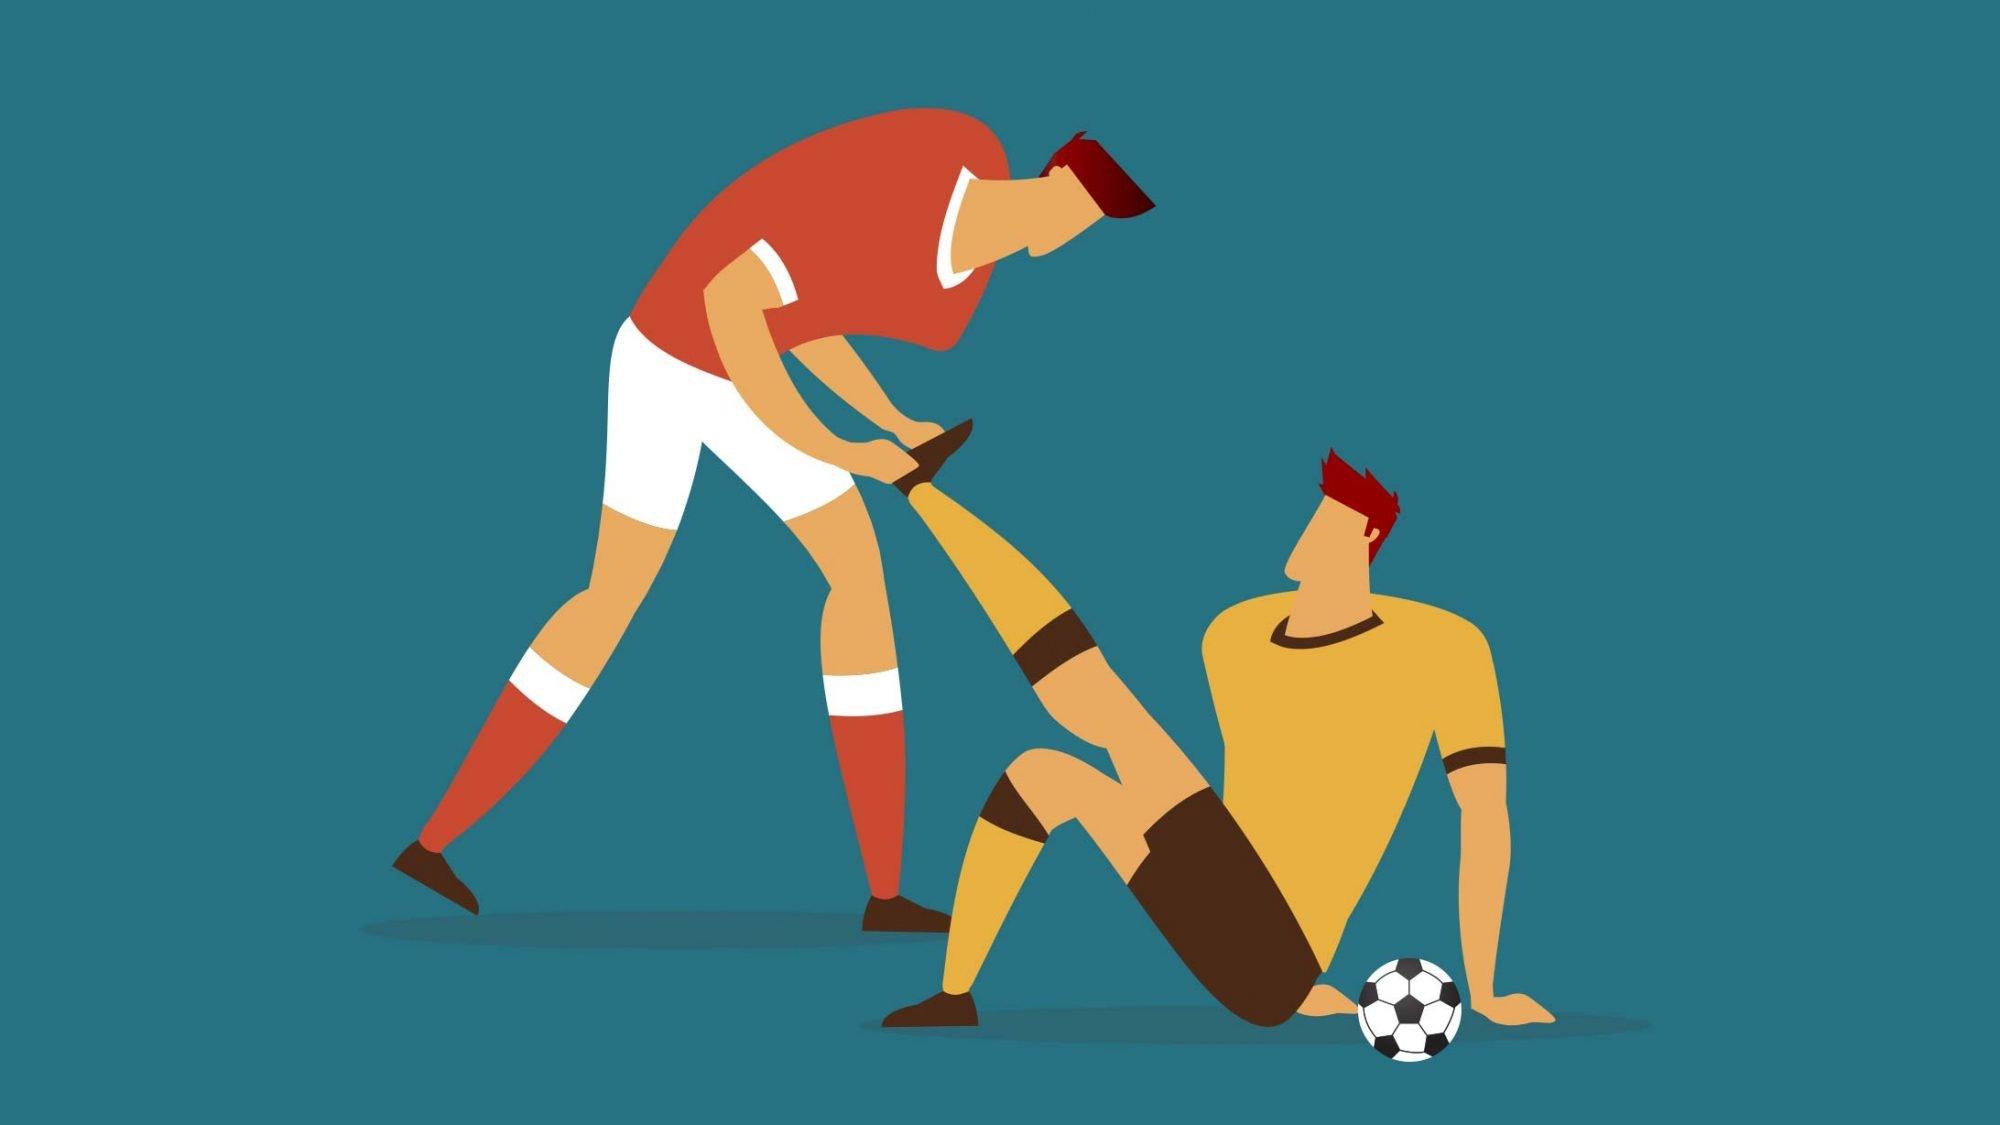 Muskelkrampf: Illustration von Muskelkrampf beim Fussballtraining